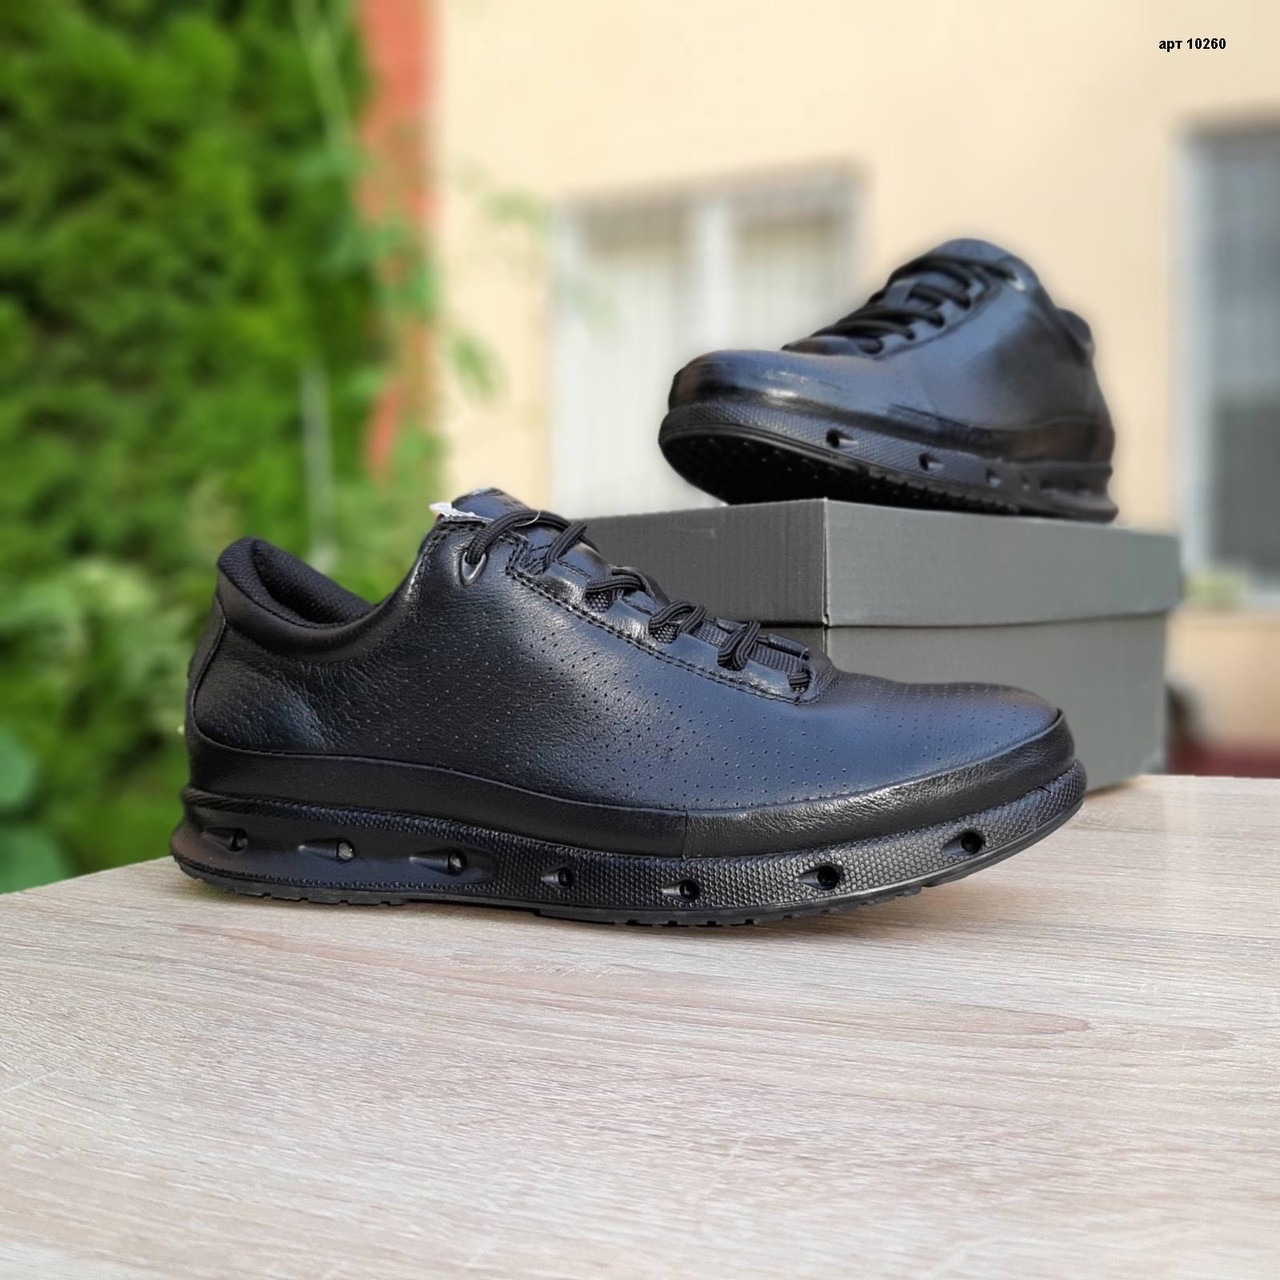 Мужские кроссовки Ecco COOL (черные) 10260